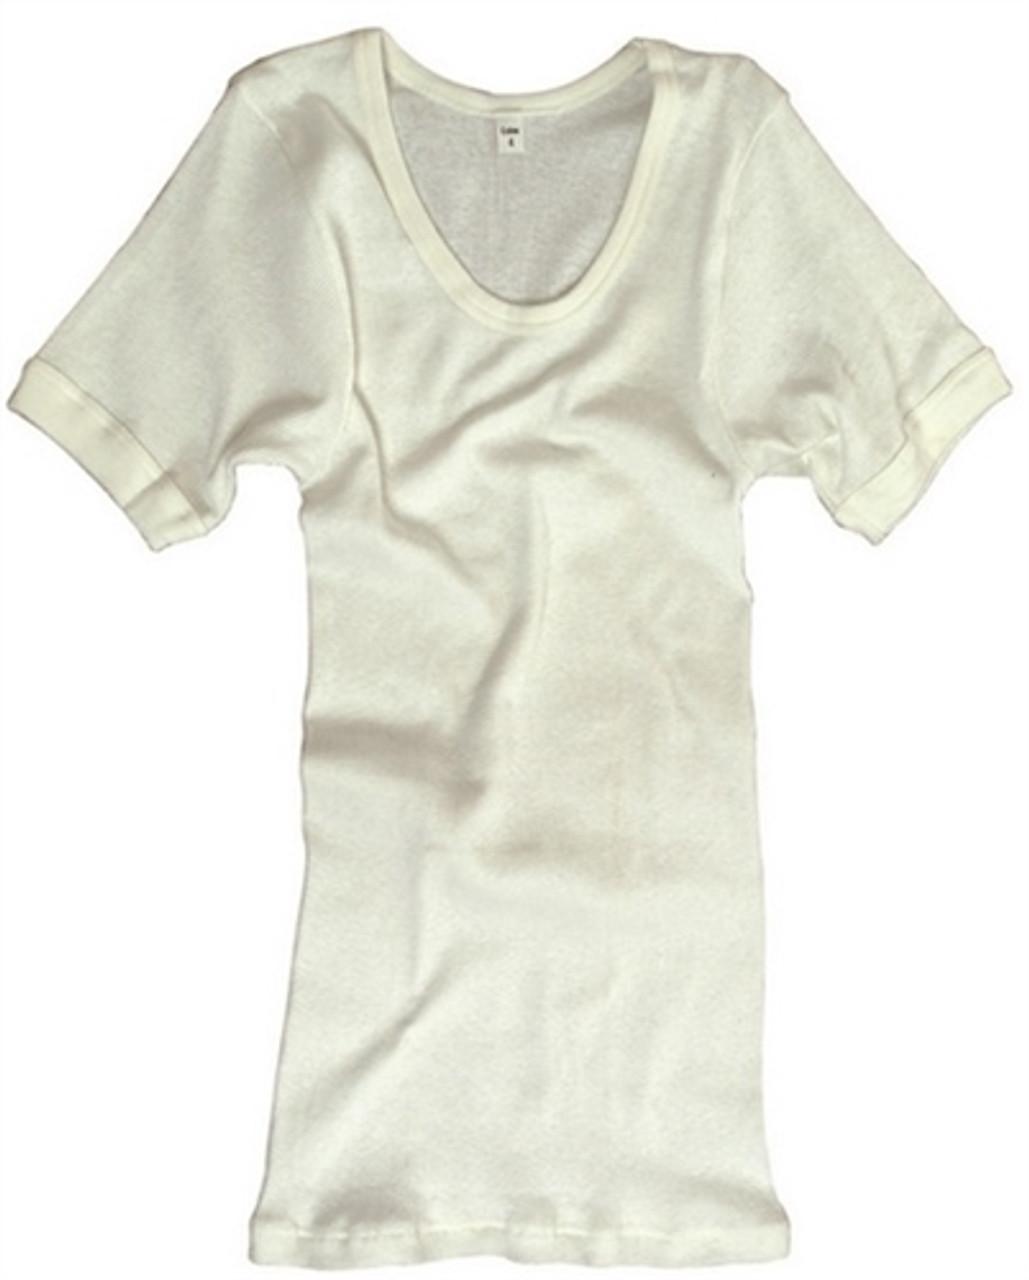 Bw White T-Shirt - New from Hessen Surplus